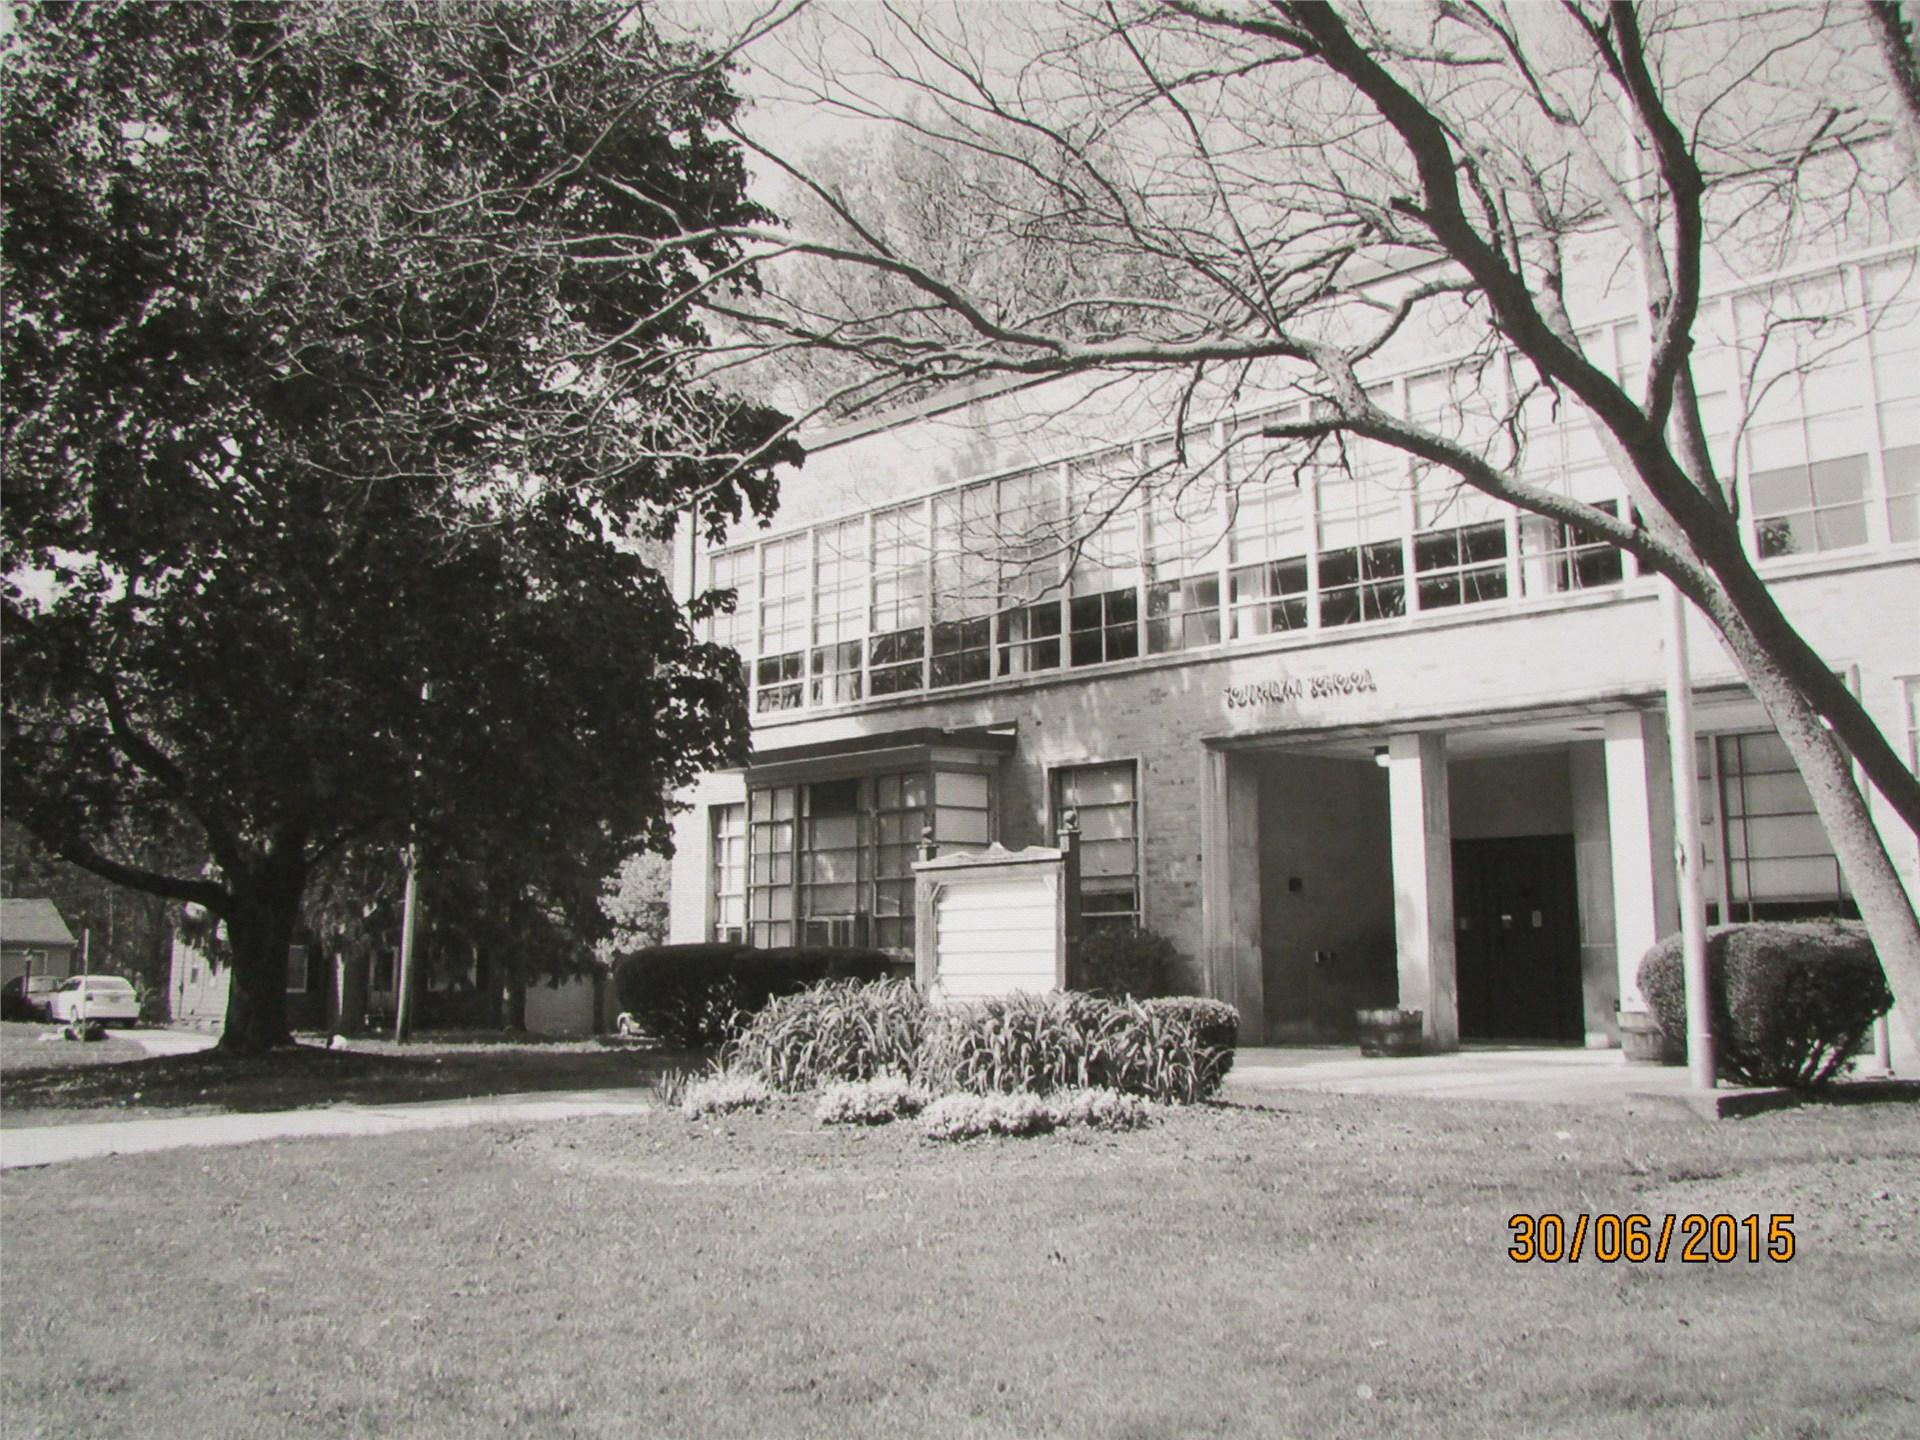 Southlyn Elementary School